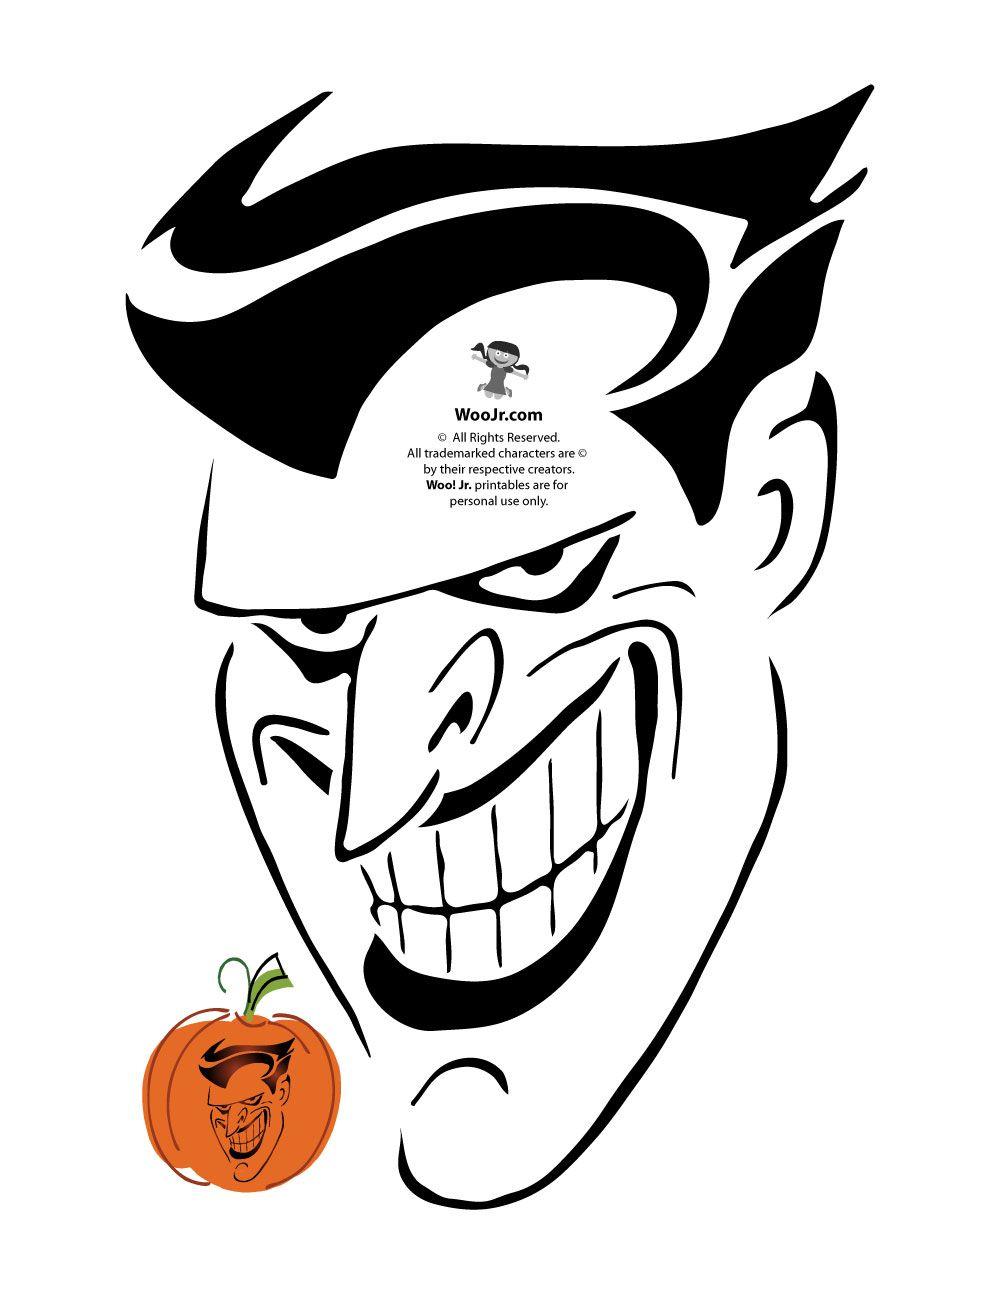 Berühmt Pumpkin Carving Schablone Galerie - Bilder für das ...